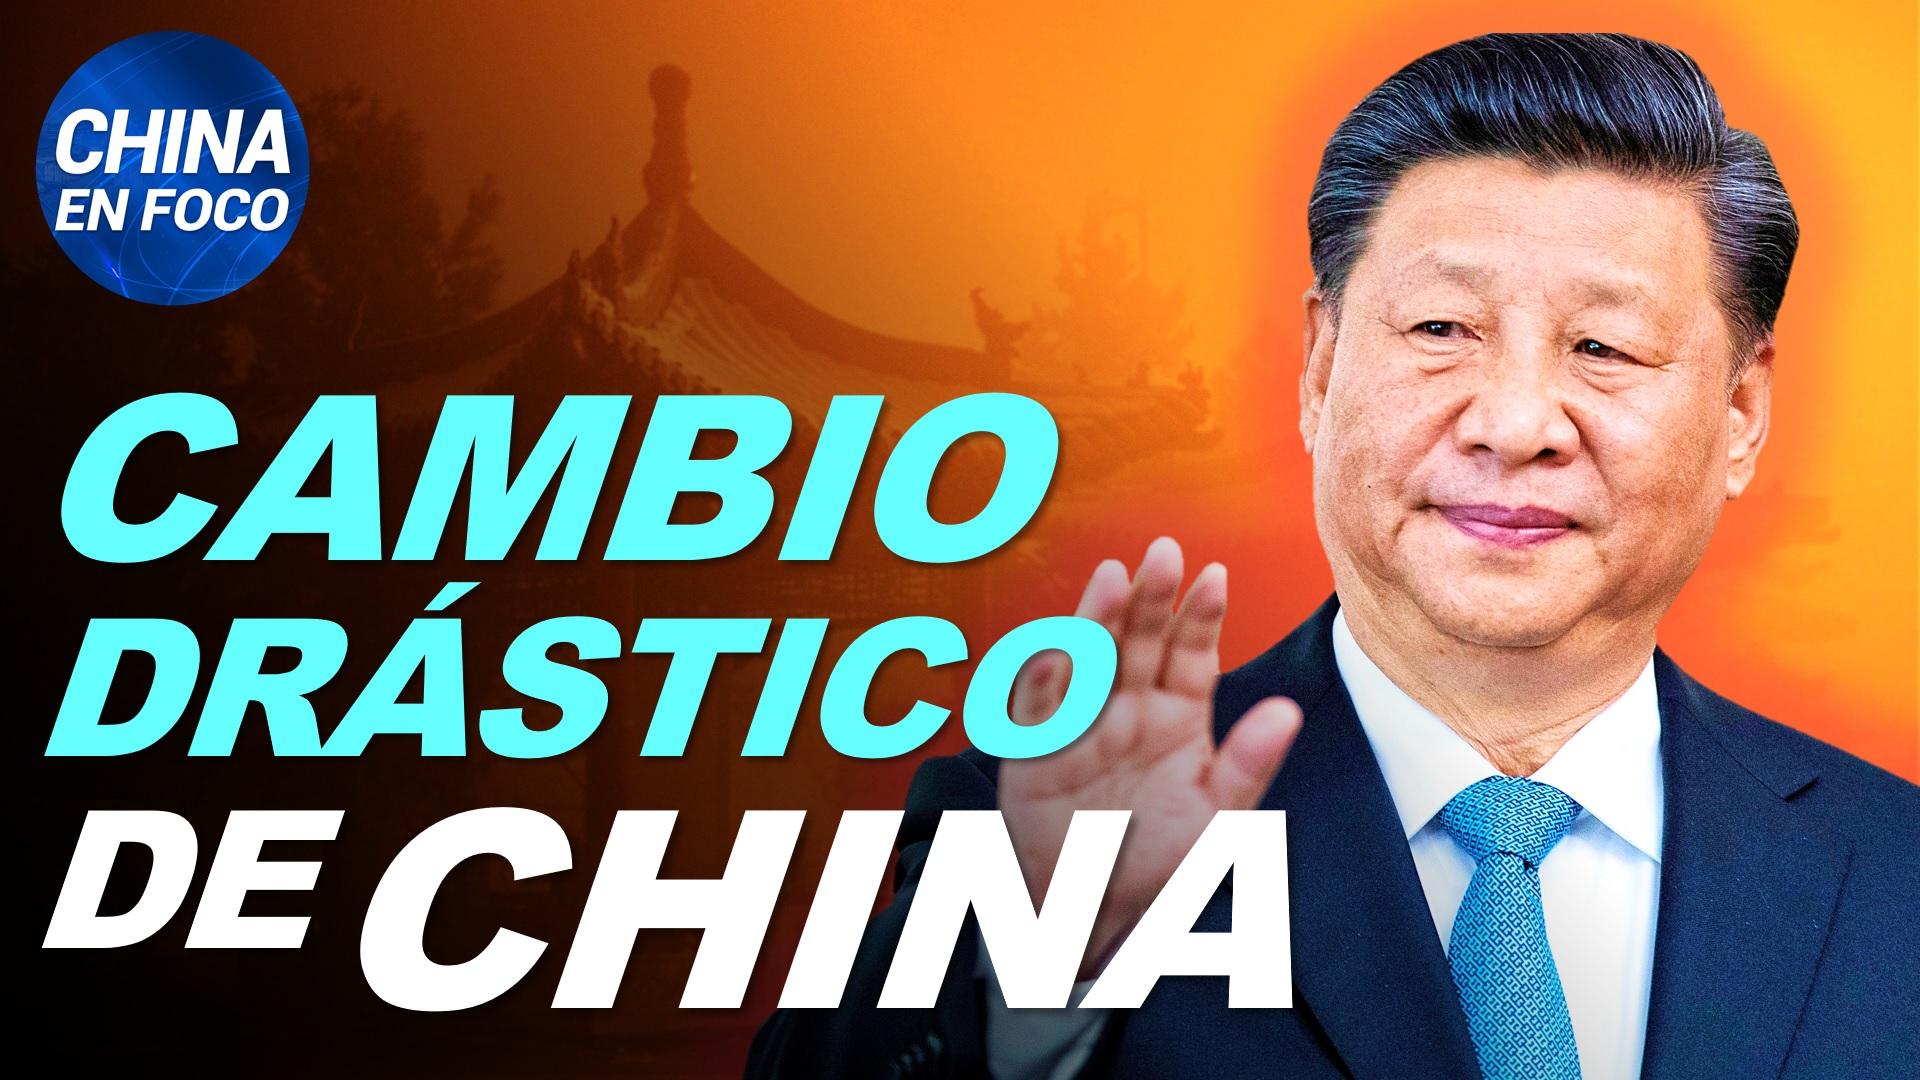 China en Foco: China hace un cambio drástico difícil de creer. Extraña actividad en hospitales en mitad de la noche